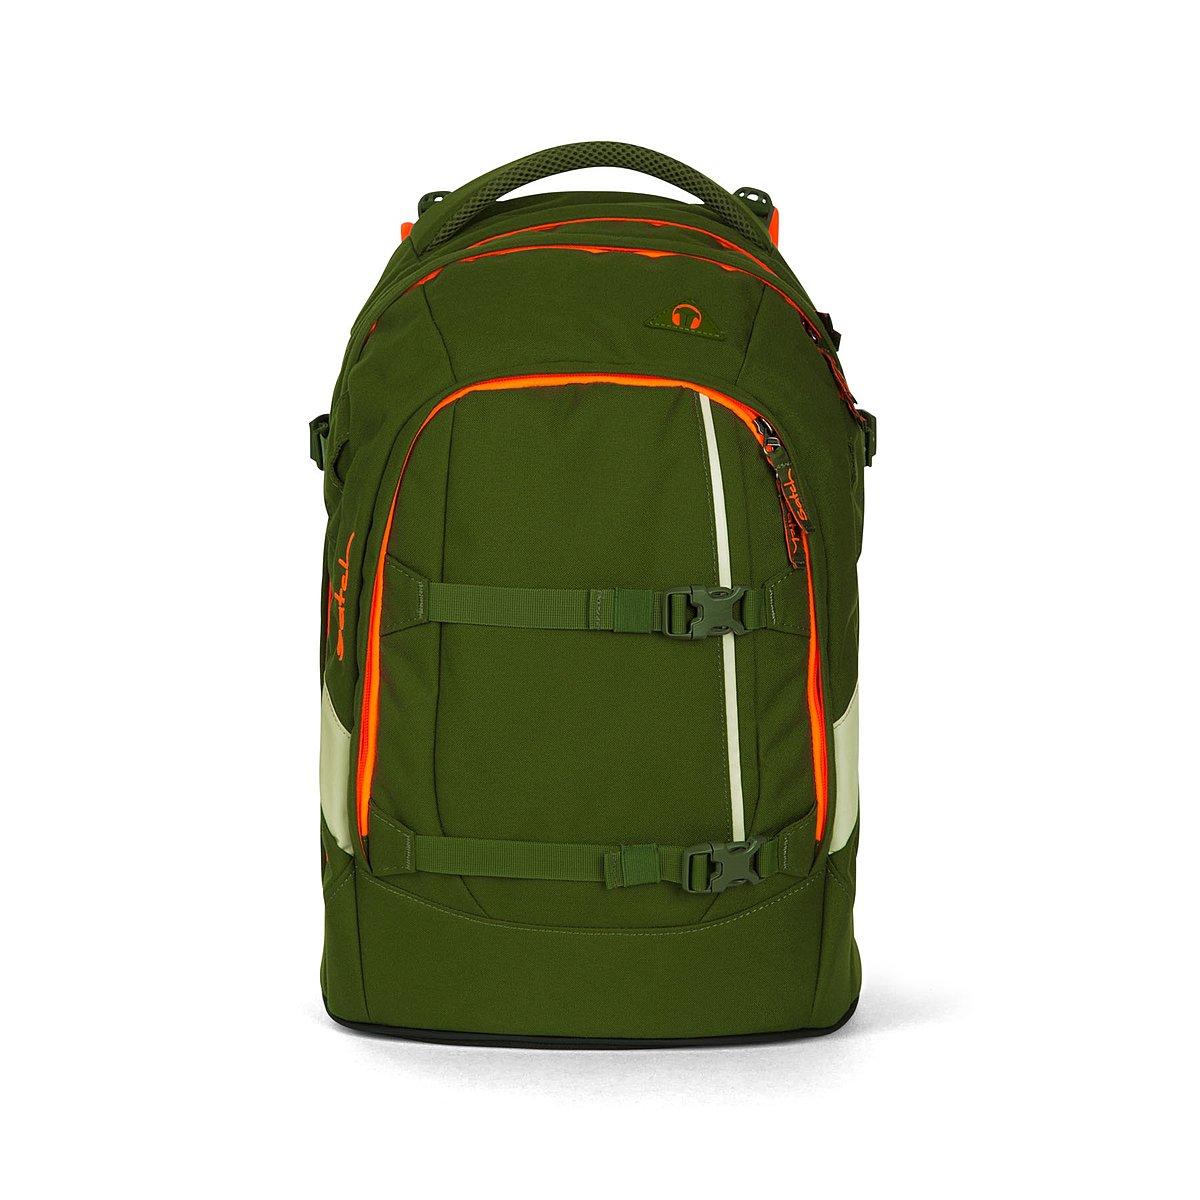 satch pack green phantom schulrucksack. Black Bedroom Furniture Sets. Home Design Ideas